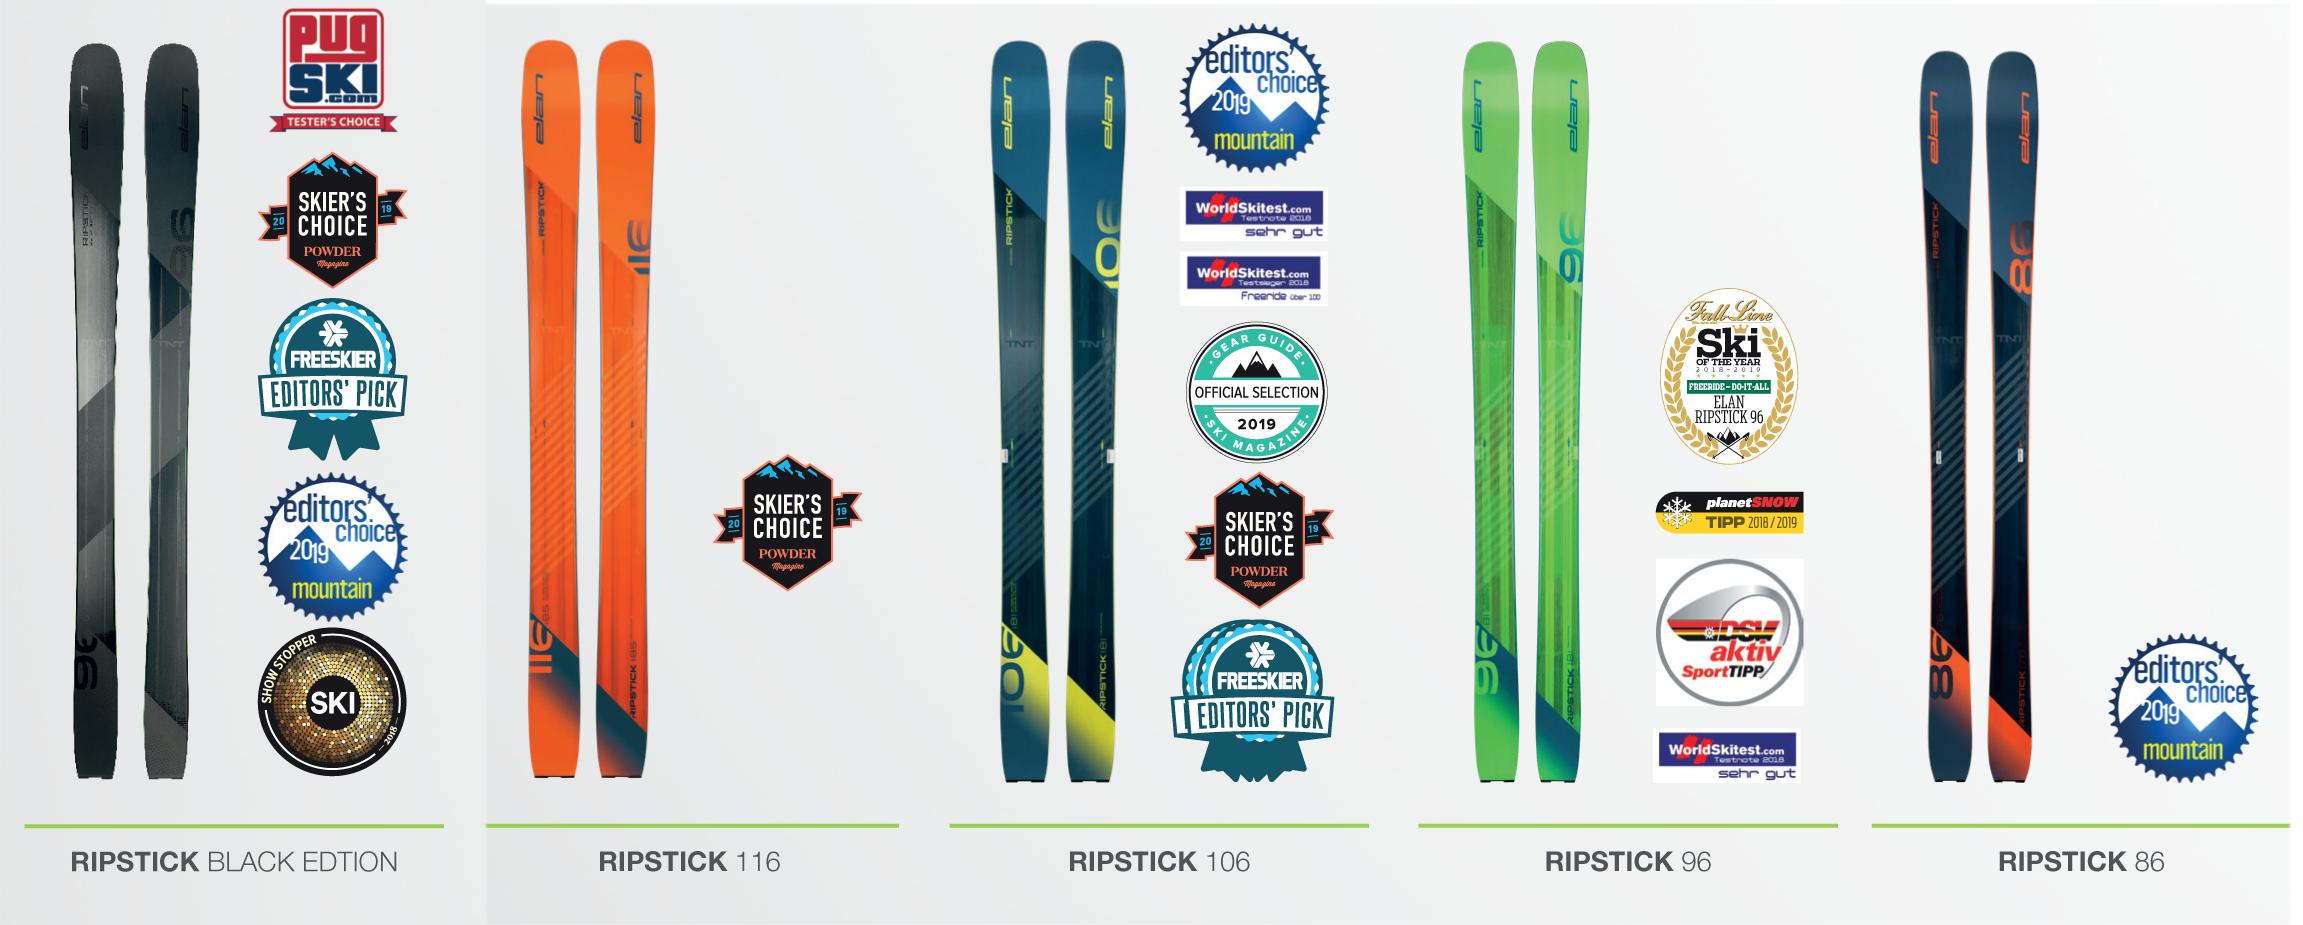 Ripstick-sarjan saamat palkinnot kaudella 2018-2019.